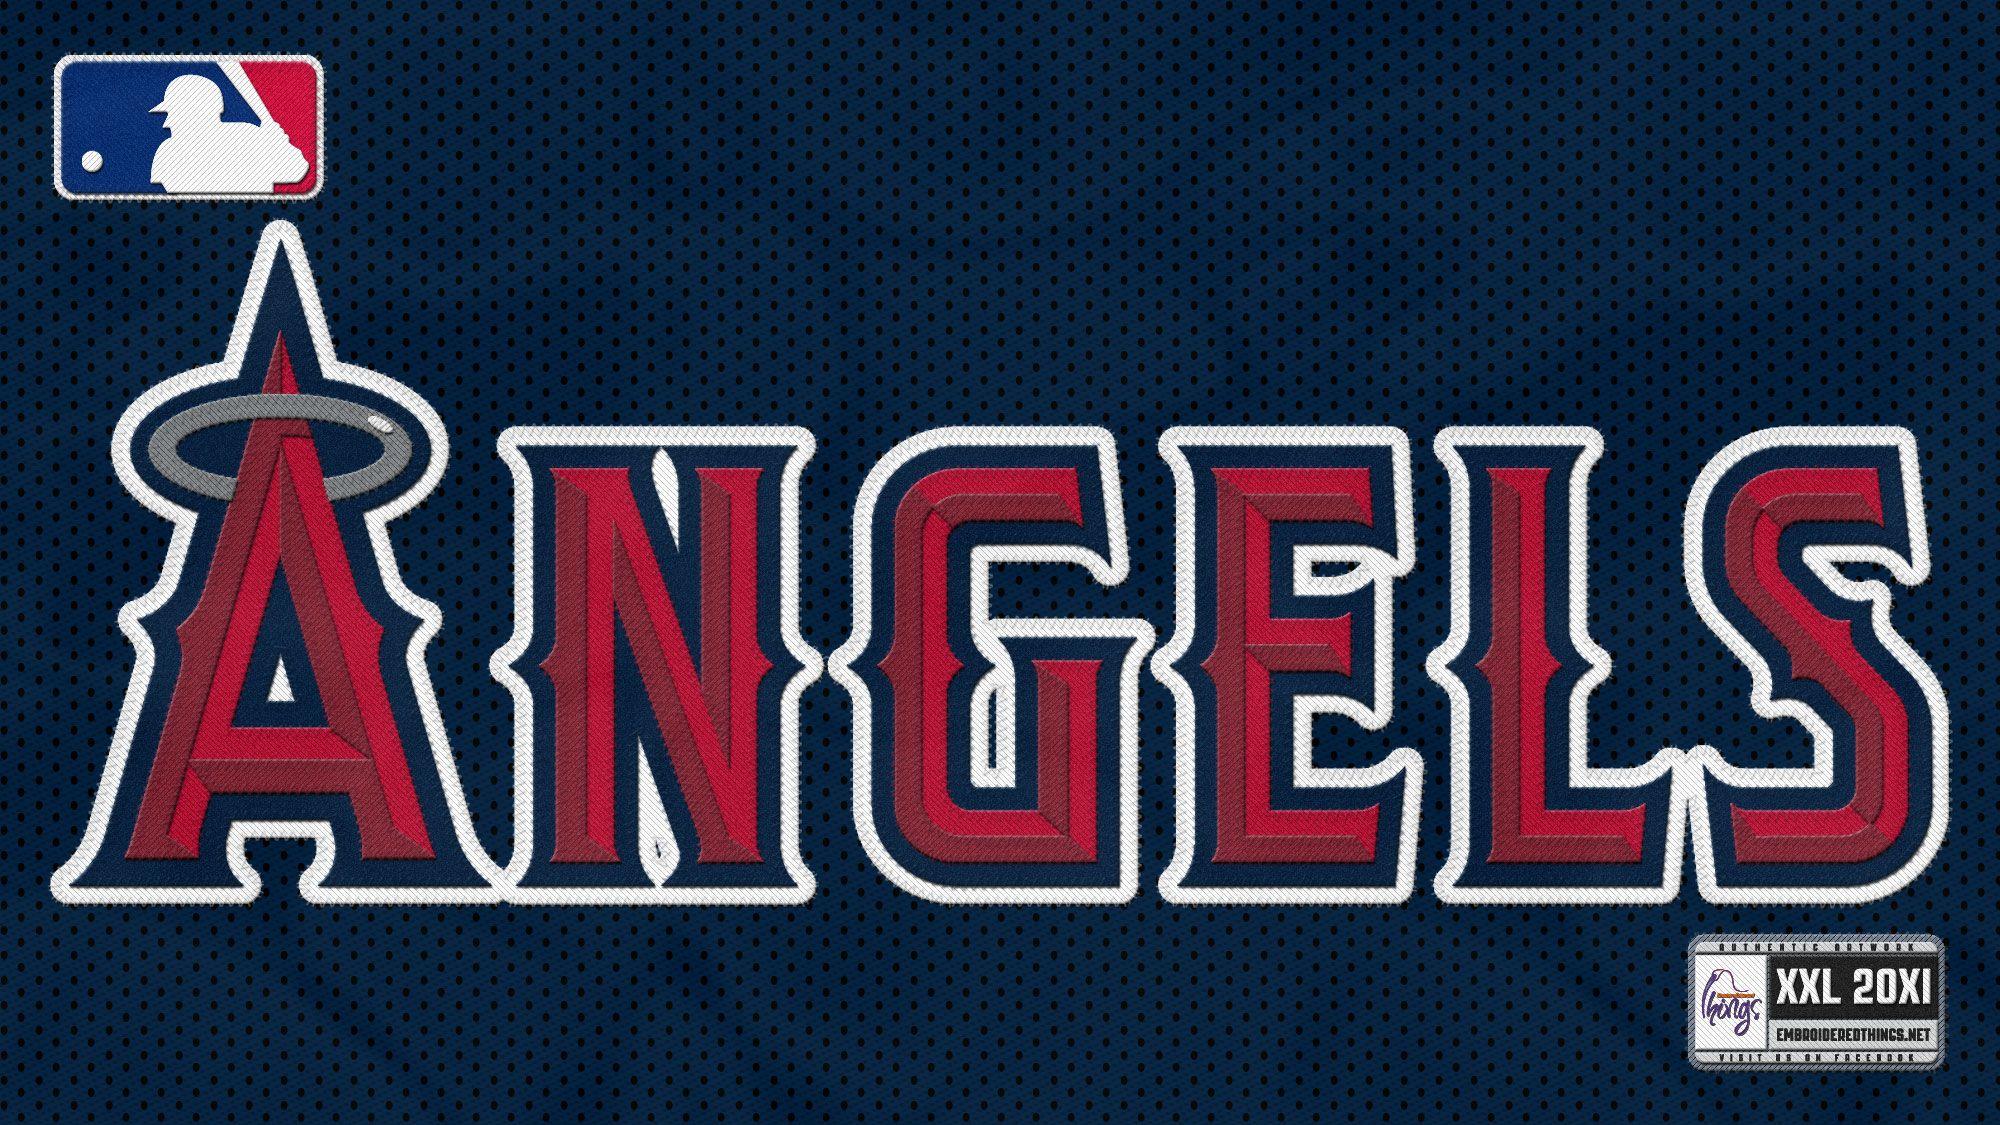 Los Angeles Angels Wallpapers Hd Los Angeles Angels Angels Baseball Angel Wallpaper